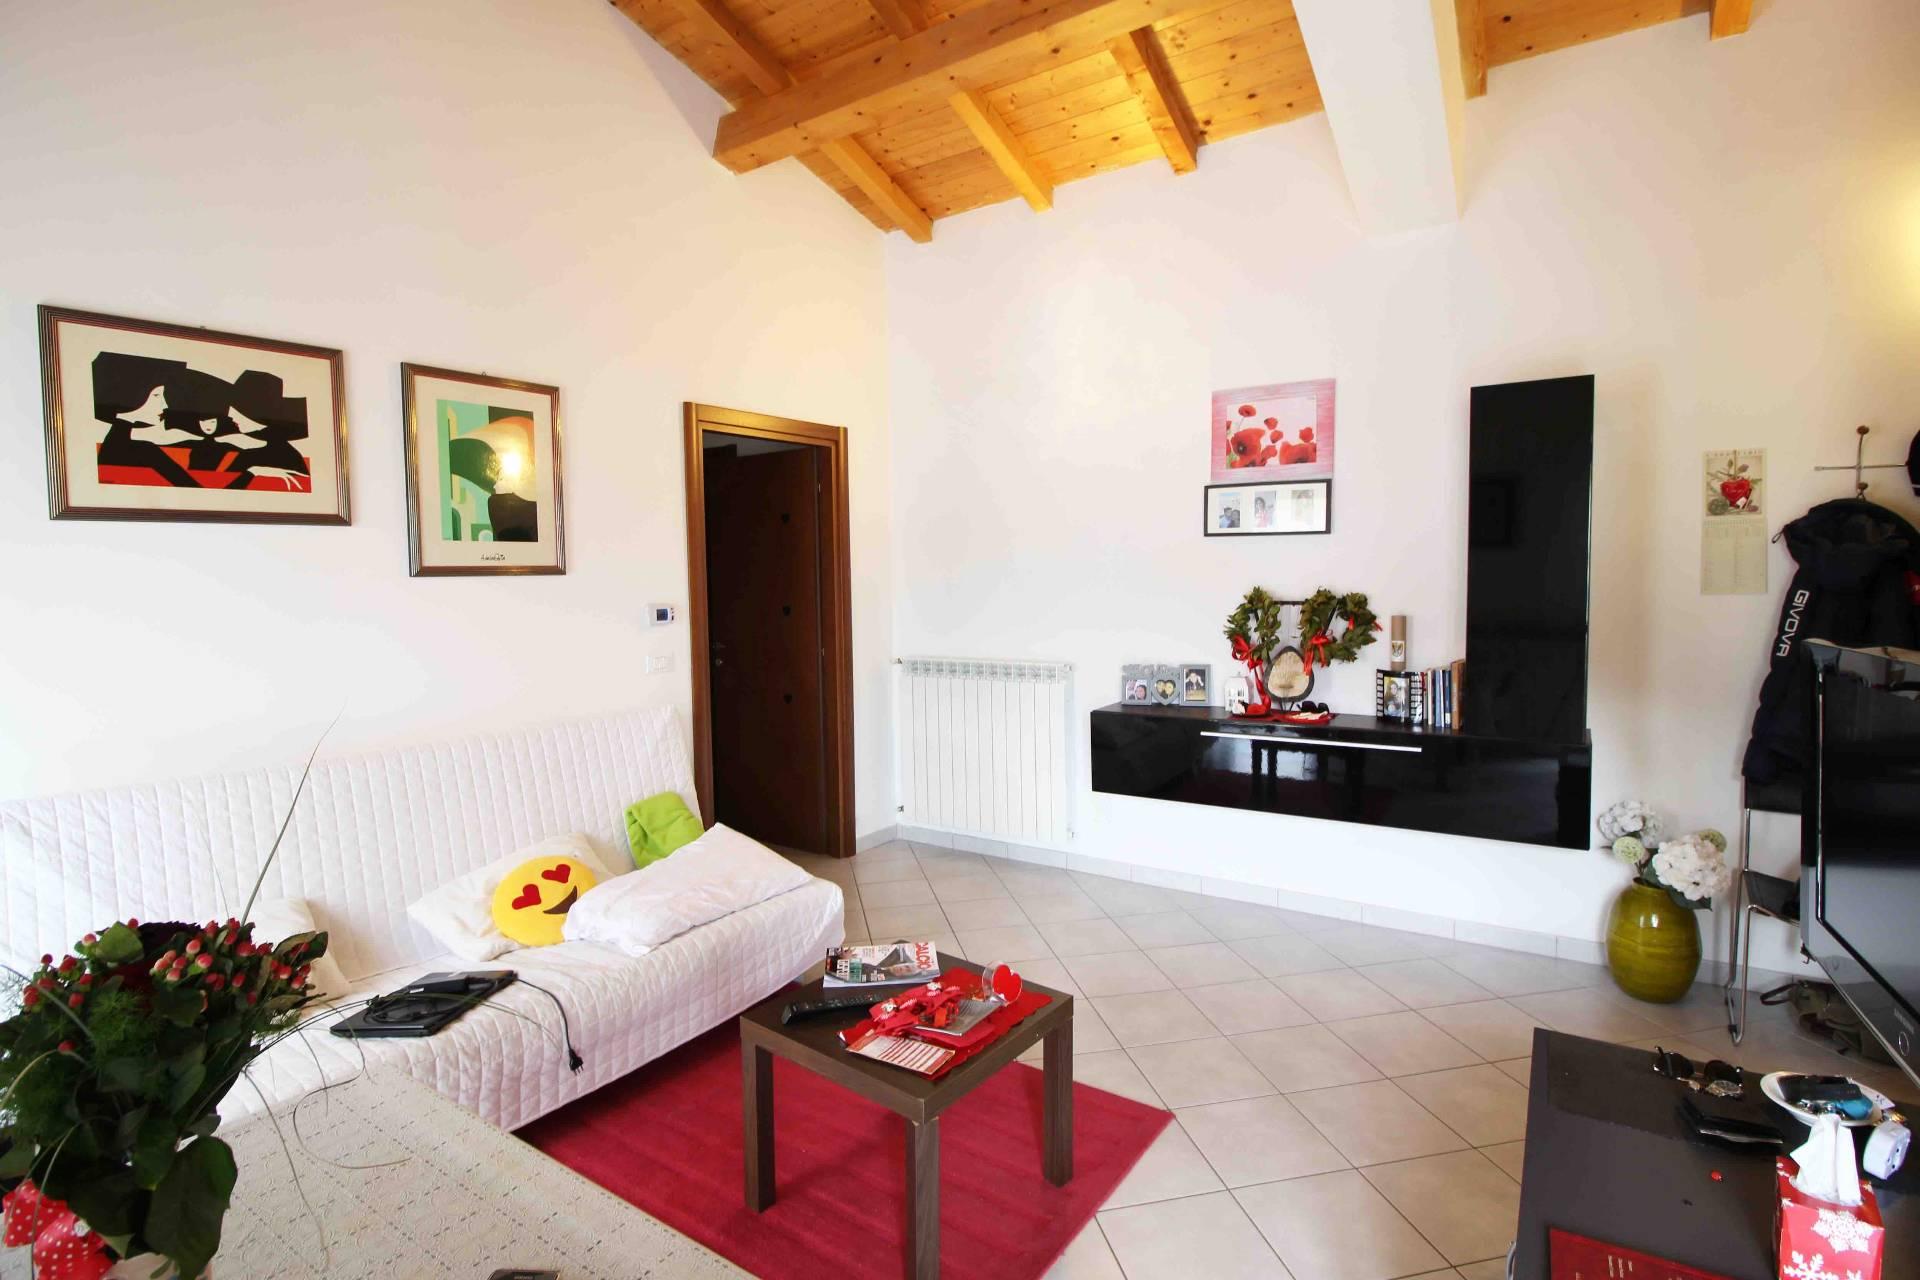 Appartamento in vendita a L'Aquila, 3 locali, zona Zona: Coppito, prezzo € 120.000   CambioCasa.it